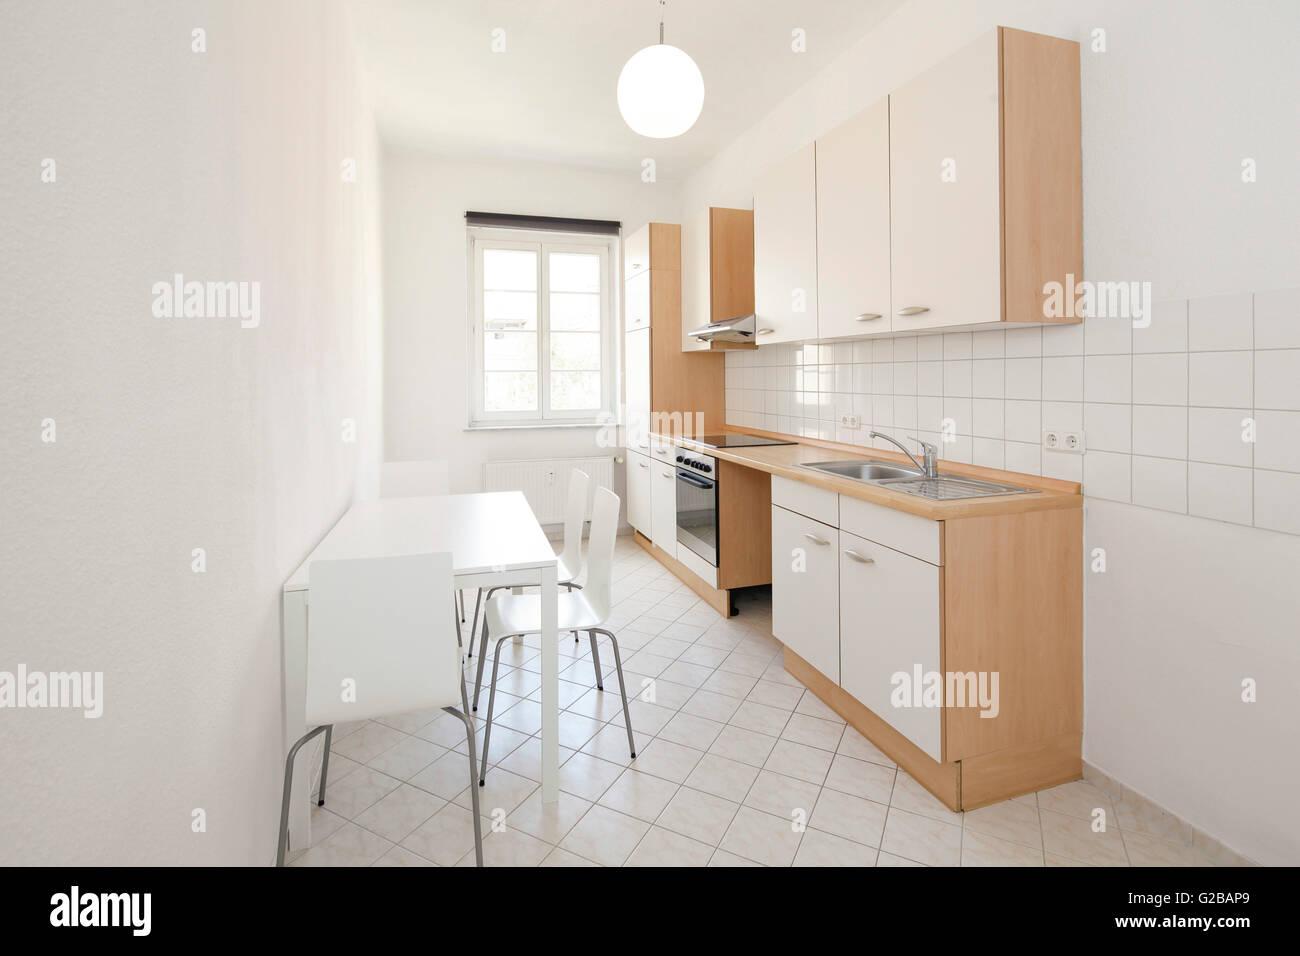 Wisbyer Straße 59. Moderne, minimal Küche mit weißen Fliesen. Tisch ...